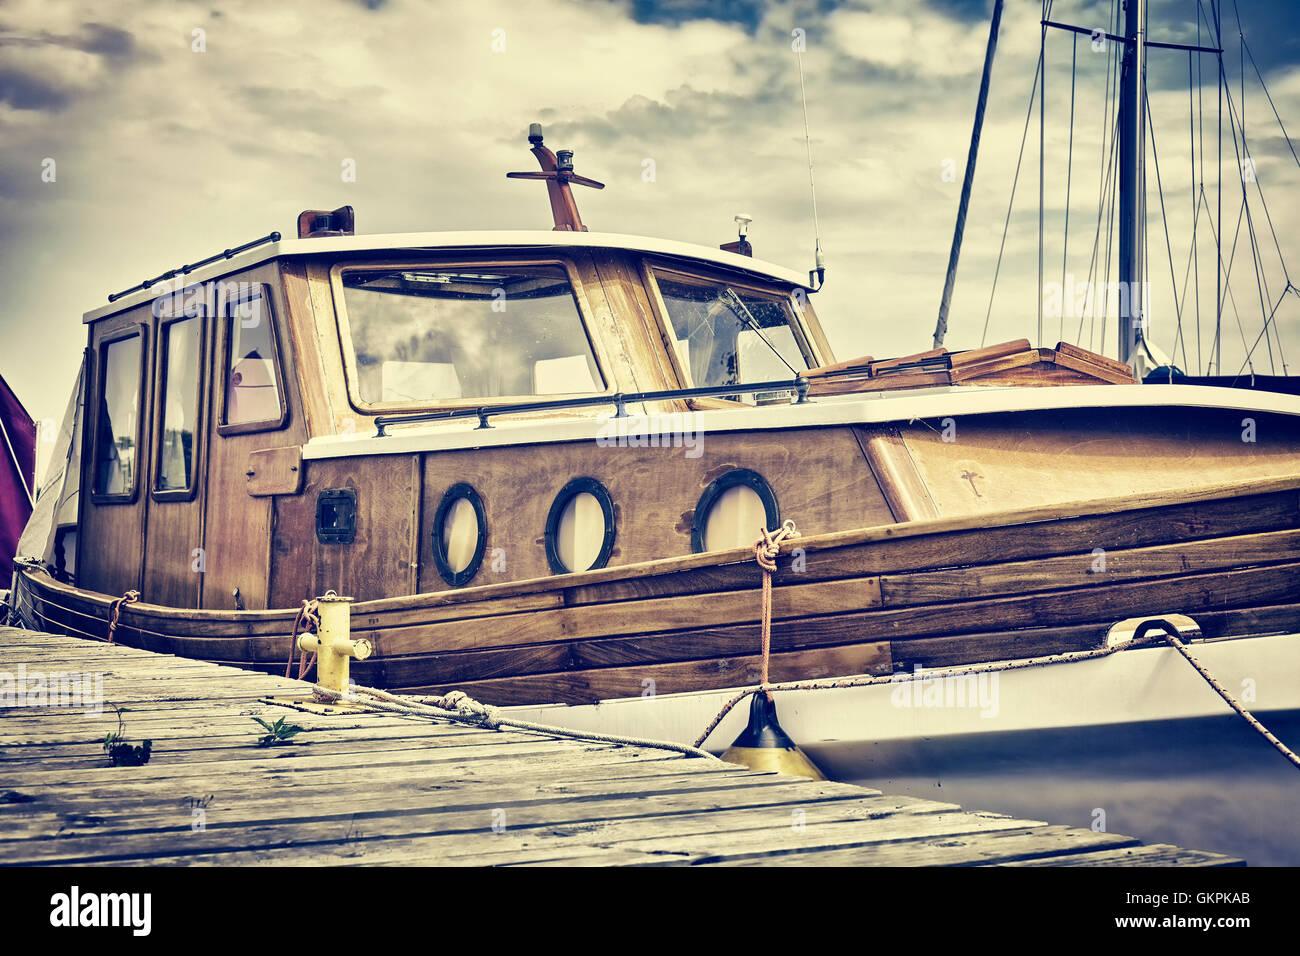 Vintage film ancien bateau en bois aux tons amarrés à un quai de plaisance. Photo Stock